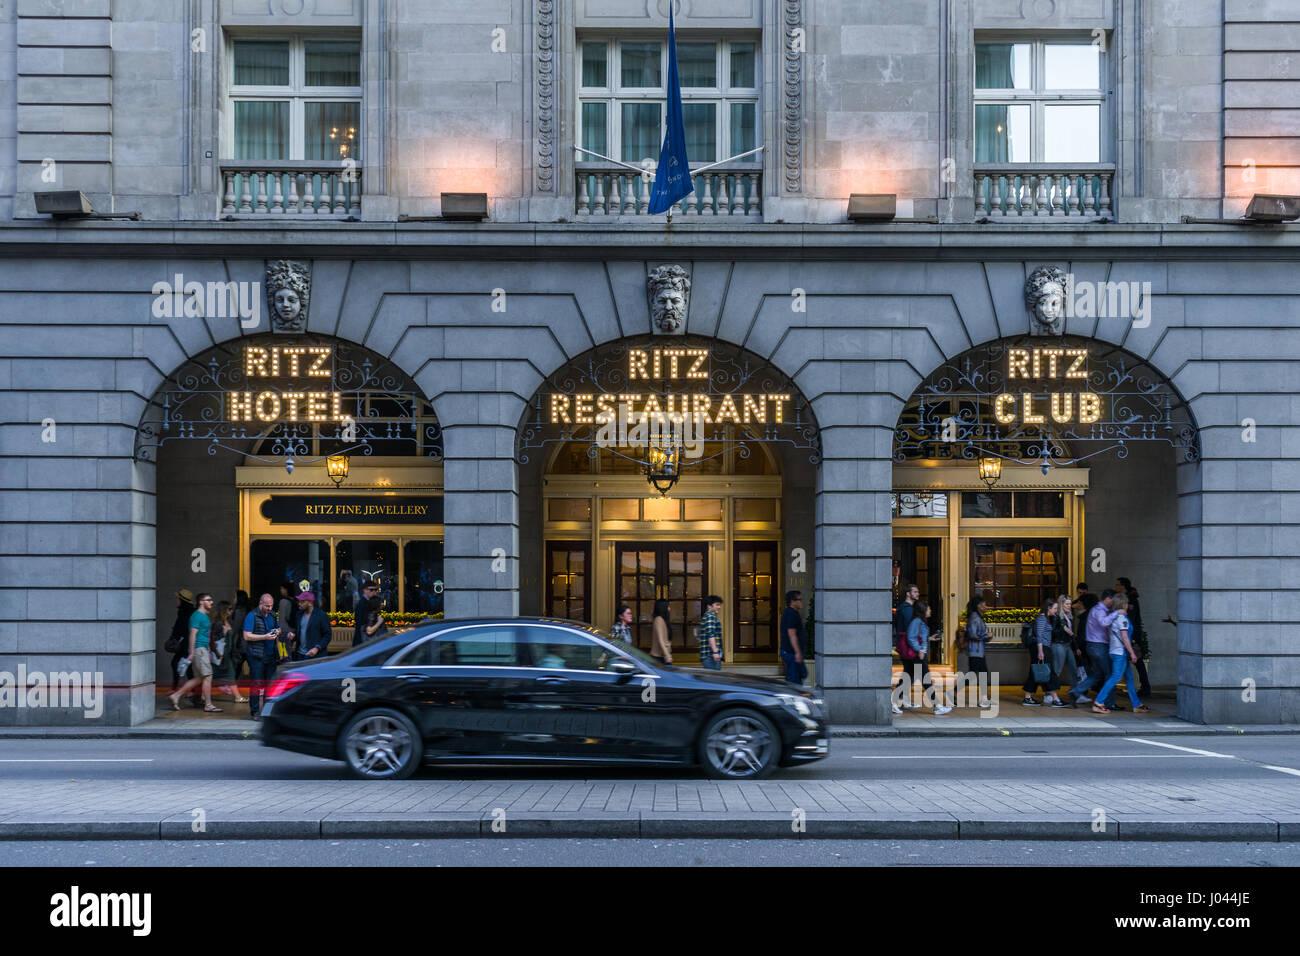 Un auto di lusso passa l'ingresso al Ritz ristorante a 150 Piccadilly, St Jame's di Londra - Inghilterra. Immagini Stock